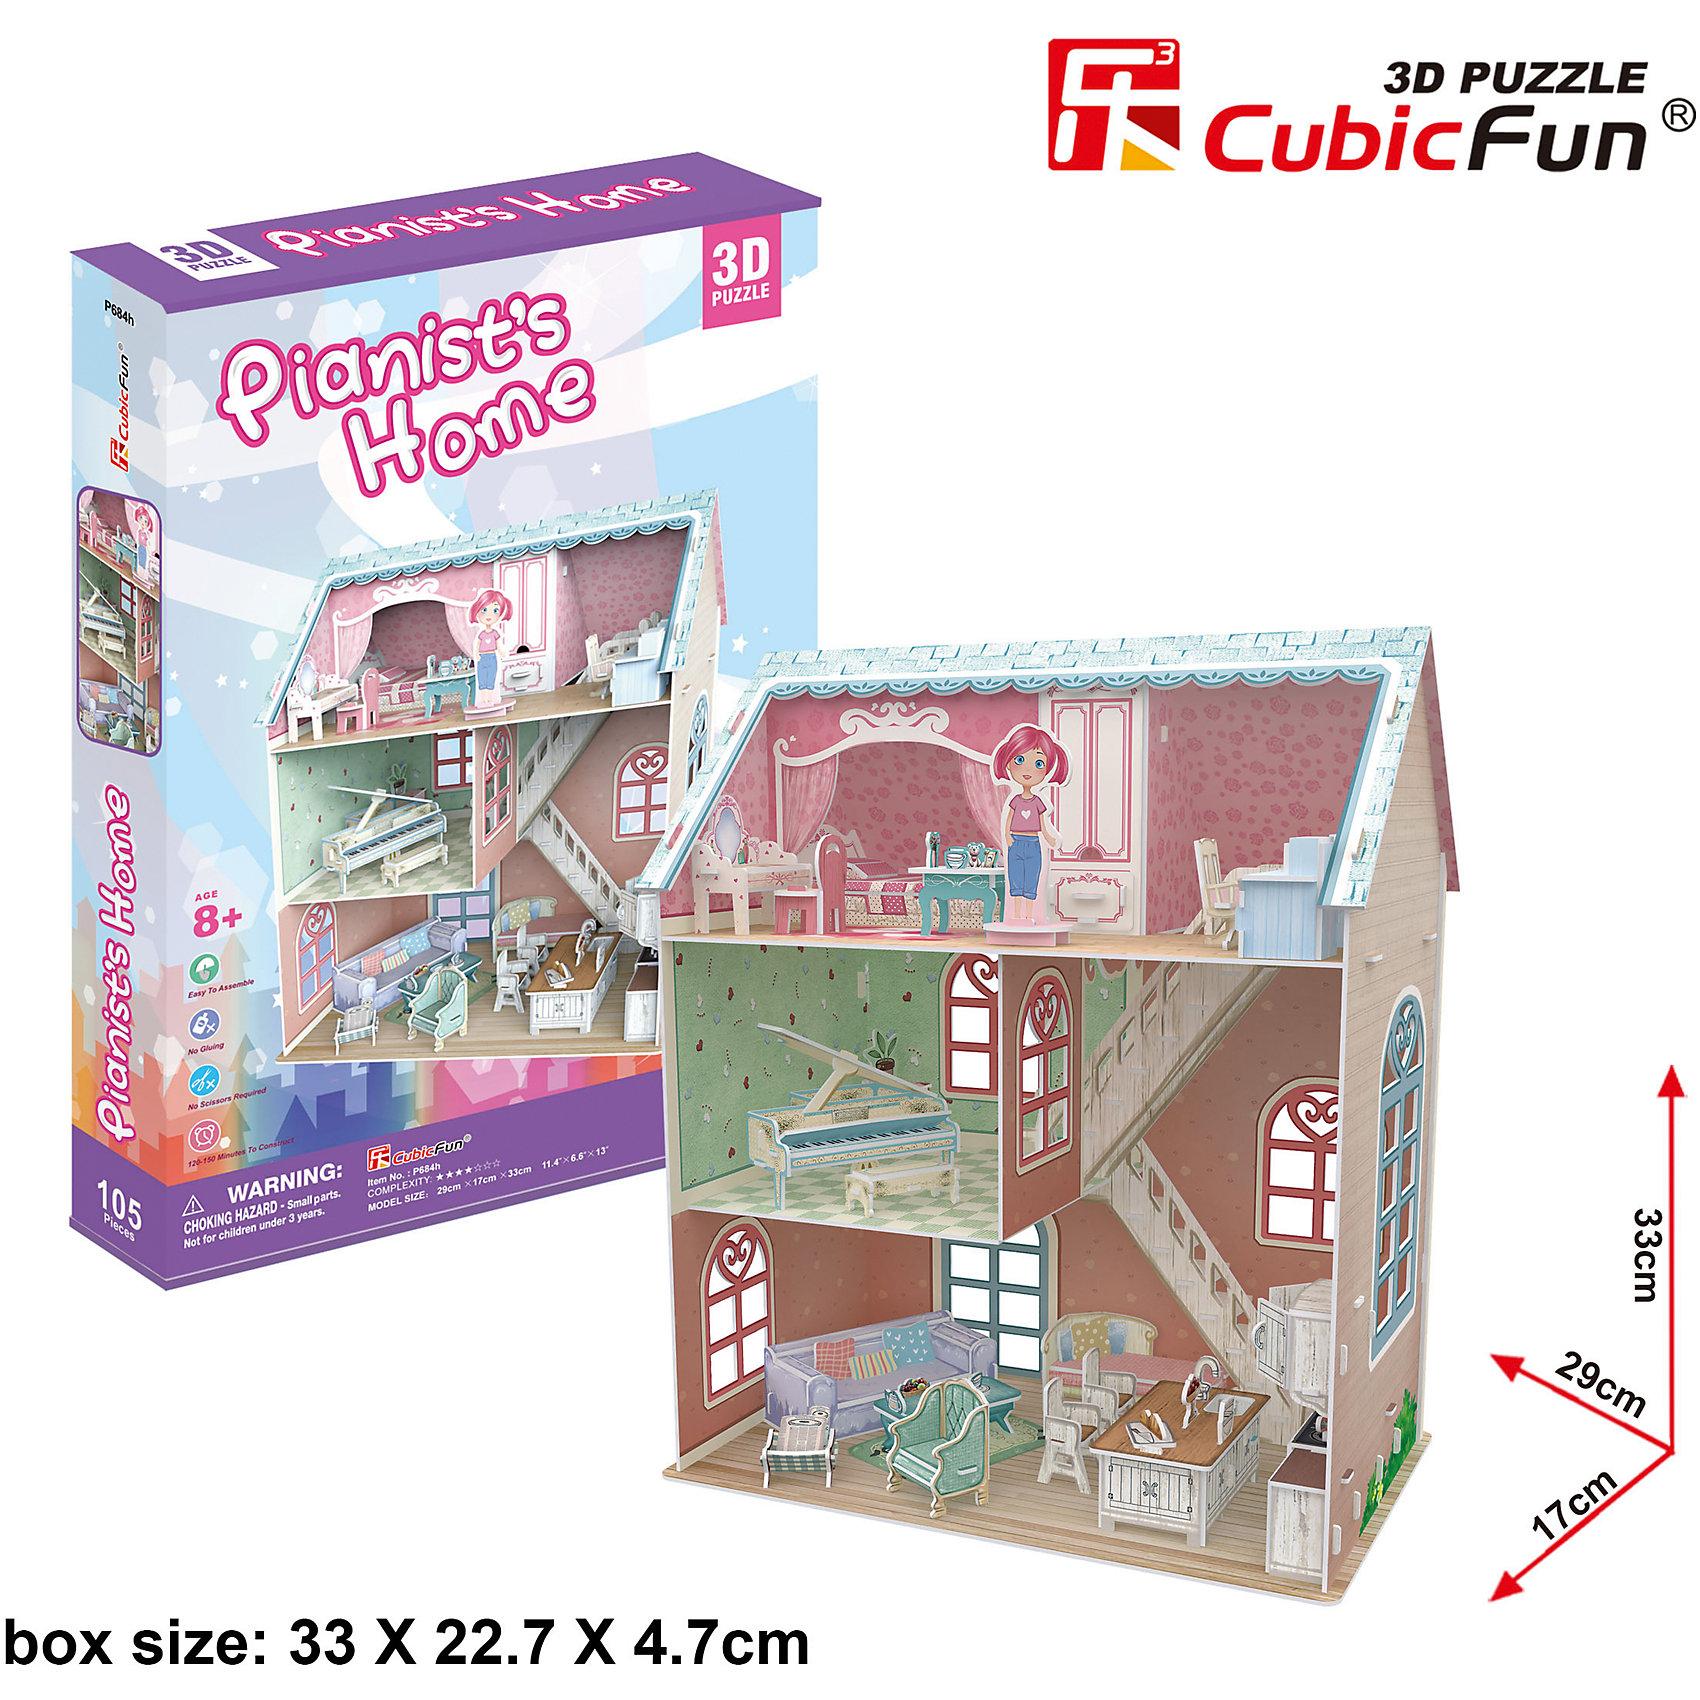 Пазл 3D Дом пианиста, CubicFunНовый 3D пазл Cubic Fun специально для девочек! Модель домика пианиста (а точнее, пианистки) выполнена в ярком дизайне и подойдет не только для украшения интерьера, но и для игры. Здание открытое - нет одной стенки и видны все внутренние помещения, что делает его похожим на кукольный домик. На самом верху, под крышей, расположена спальня в розовых тонах. Здесь находится кроватка, стол для работы, трюмо; на этот этаж можно поместить фигурку девочки. На втором этаже - музыкальная комната с шикарным роялем, а внизу расположена гостиная со всем необходимым для работы и отдыха.<br><br>Домик пианиста легко собирается, все детали сделаны из прочного картона. Высота домика - 33 см, длина - 29 см.<br><br>Ширина мм: 230<br>Глубина мм: 340<br>Высота мм: 50<br>Вес г: 668<br>Возраст от месяцев: 96<br>Возраст до месяцев: 192<br>Пол: Женский<br>Возраст: Детский<br>SKU: 4951163